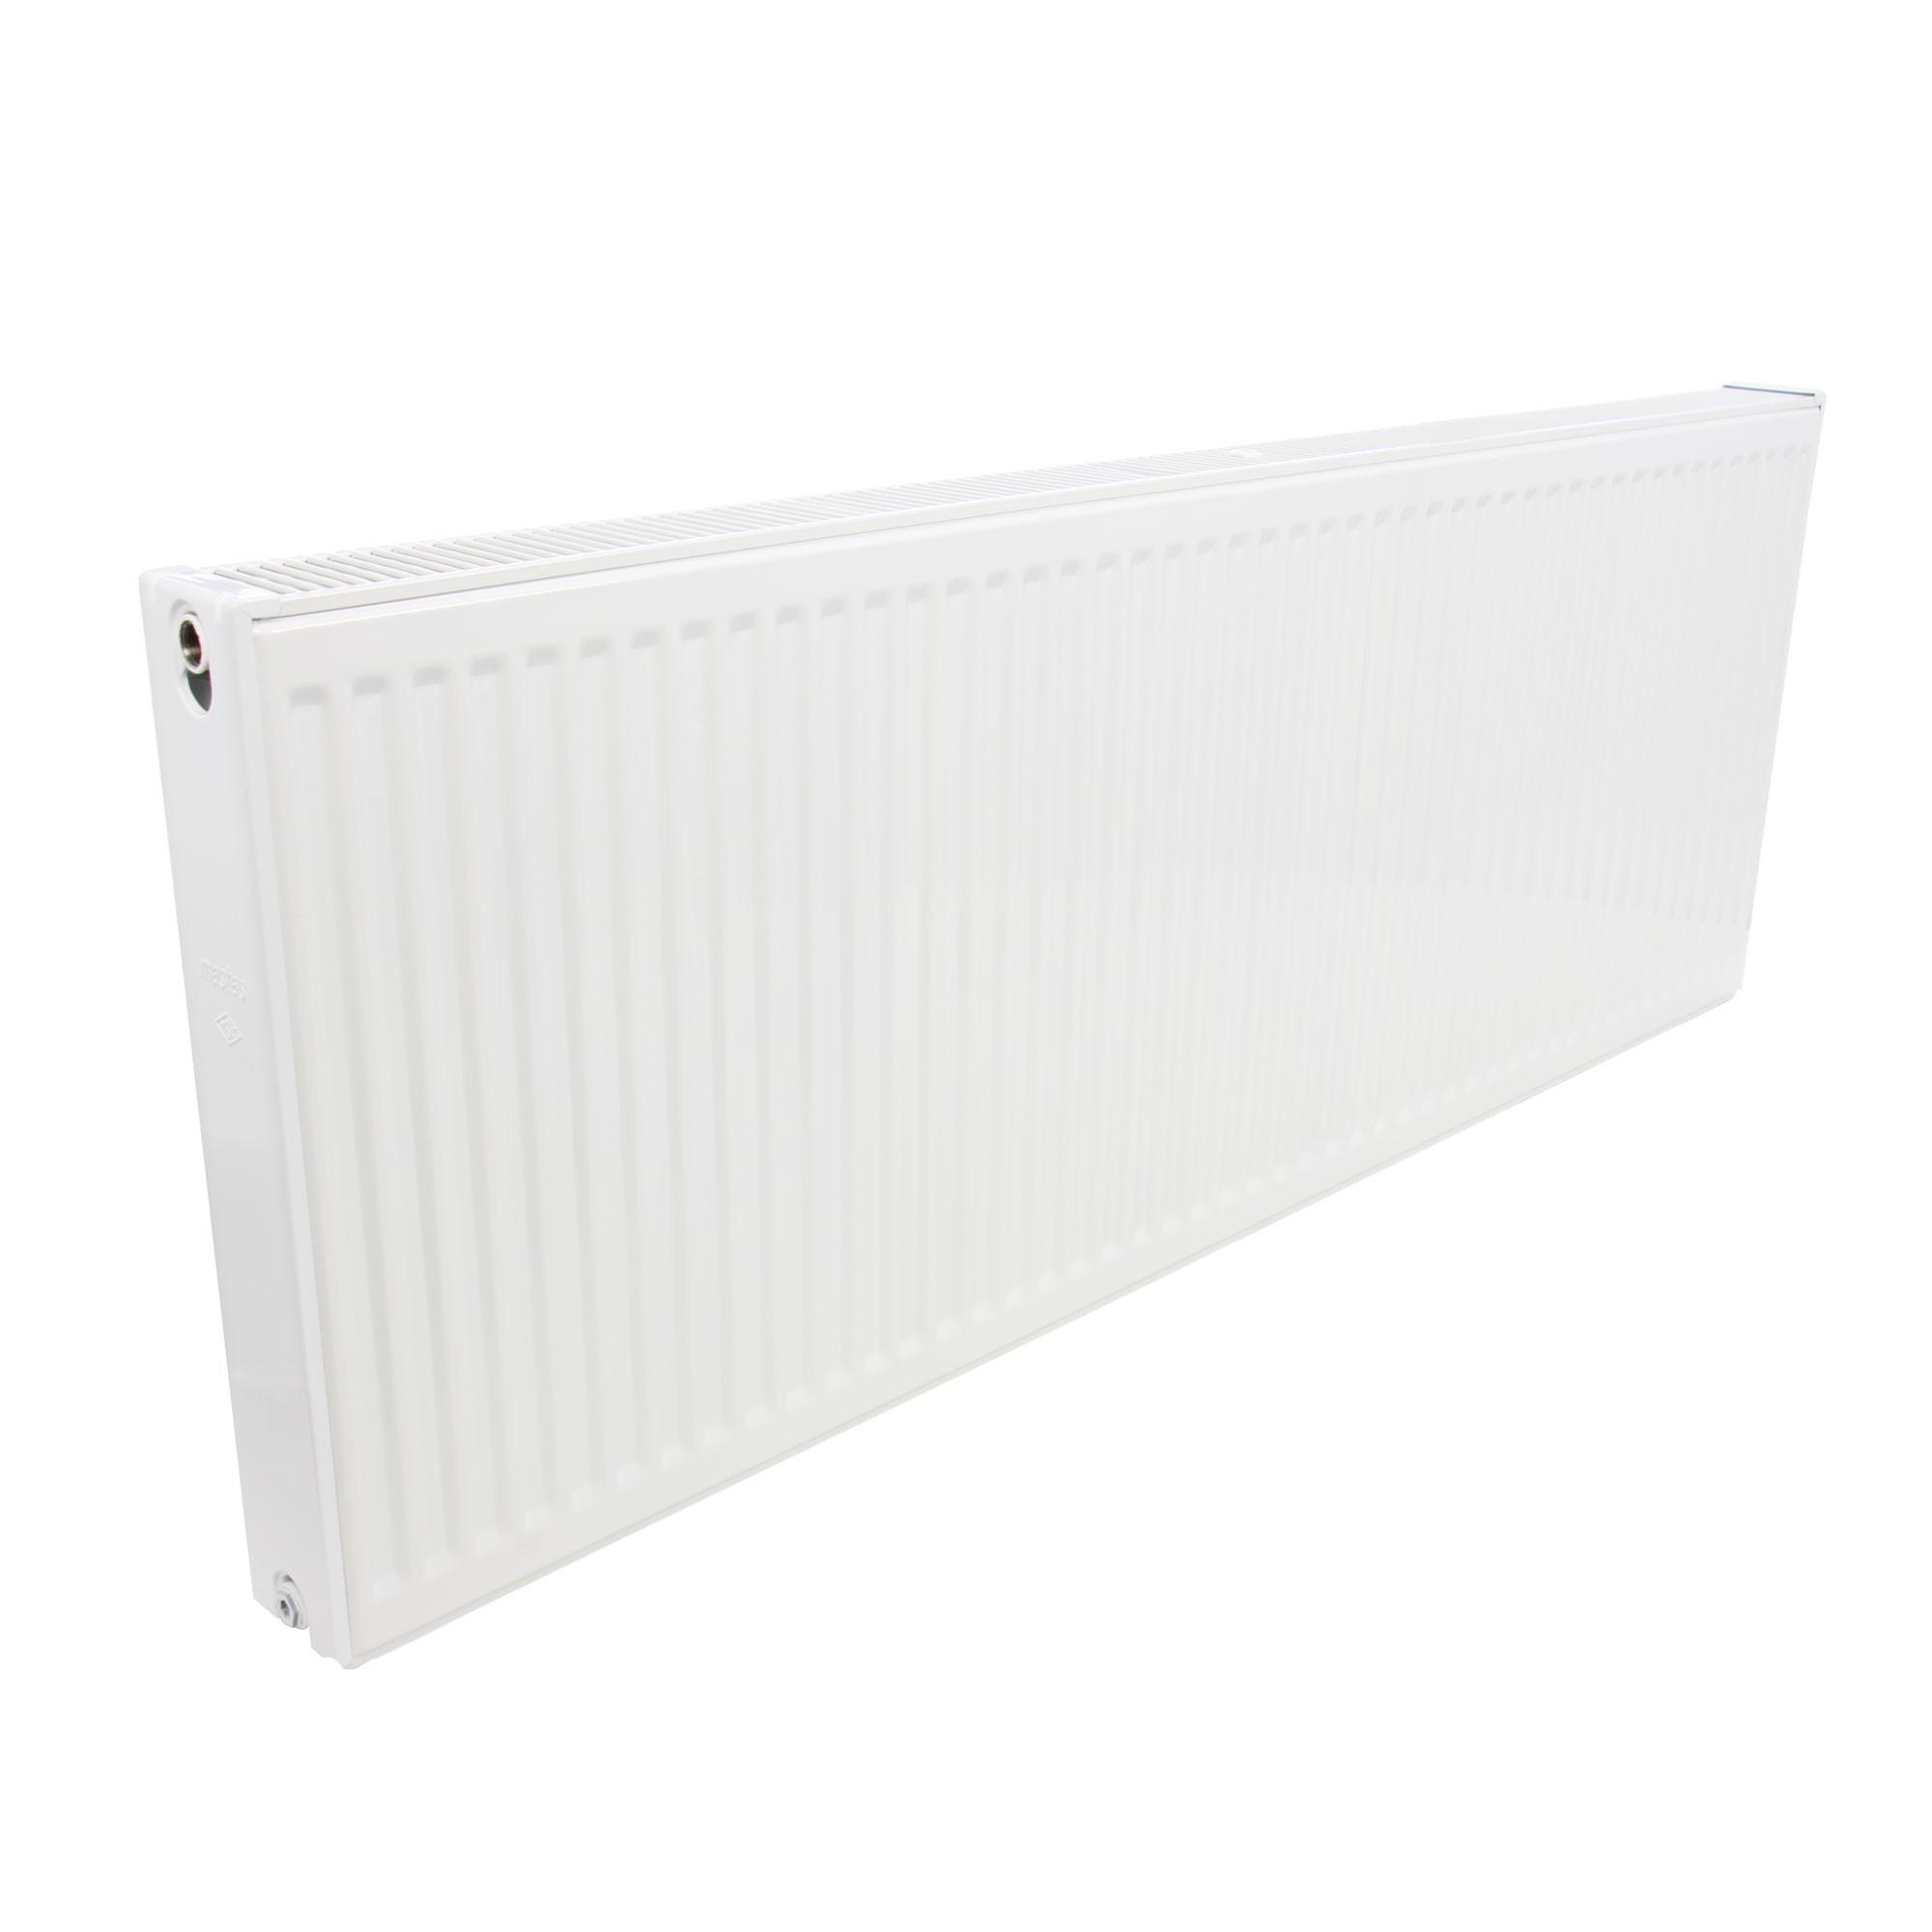 Radiator (calorifer) otel VIGO 22, 600 x 1400 mm, accesorii incluse fornello imagine